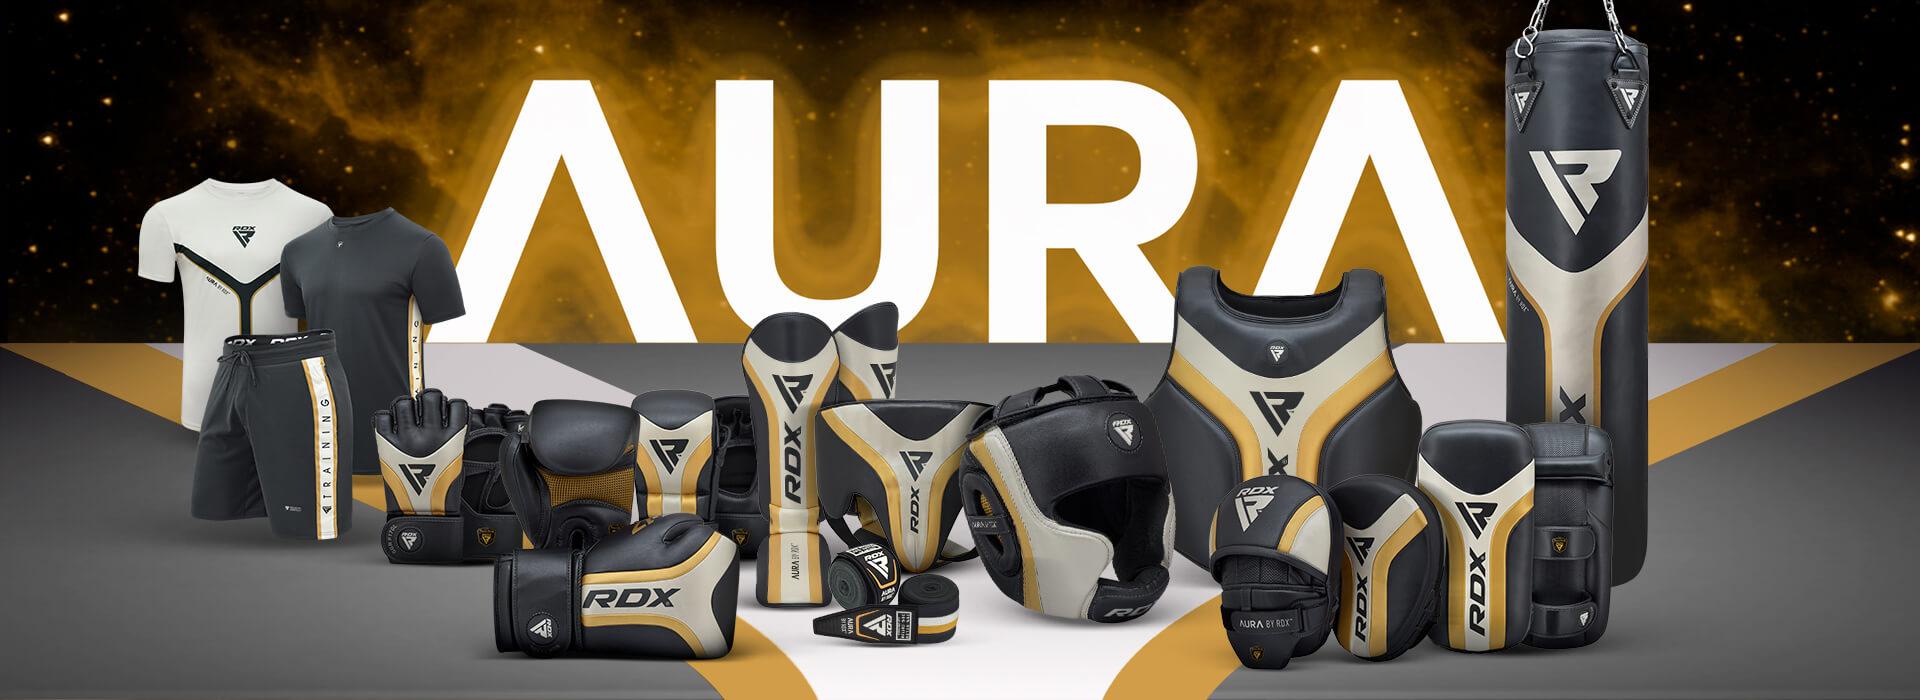 Aura Series